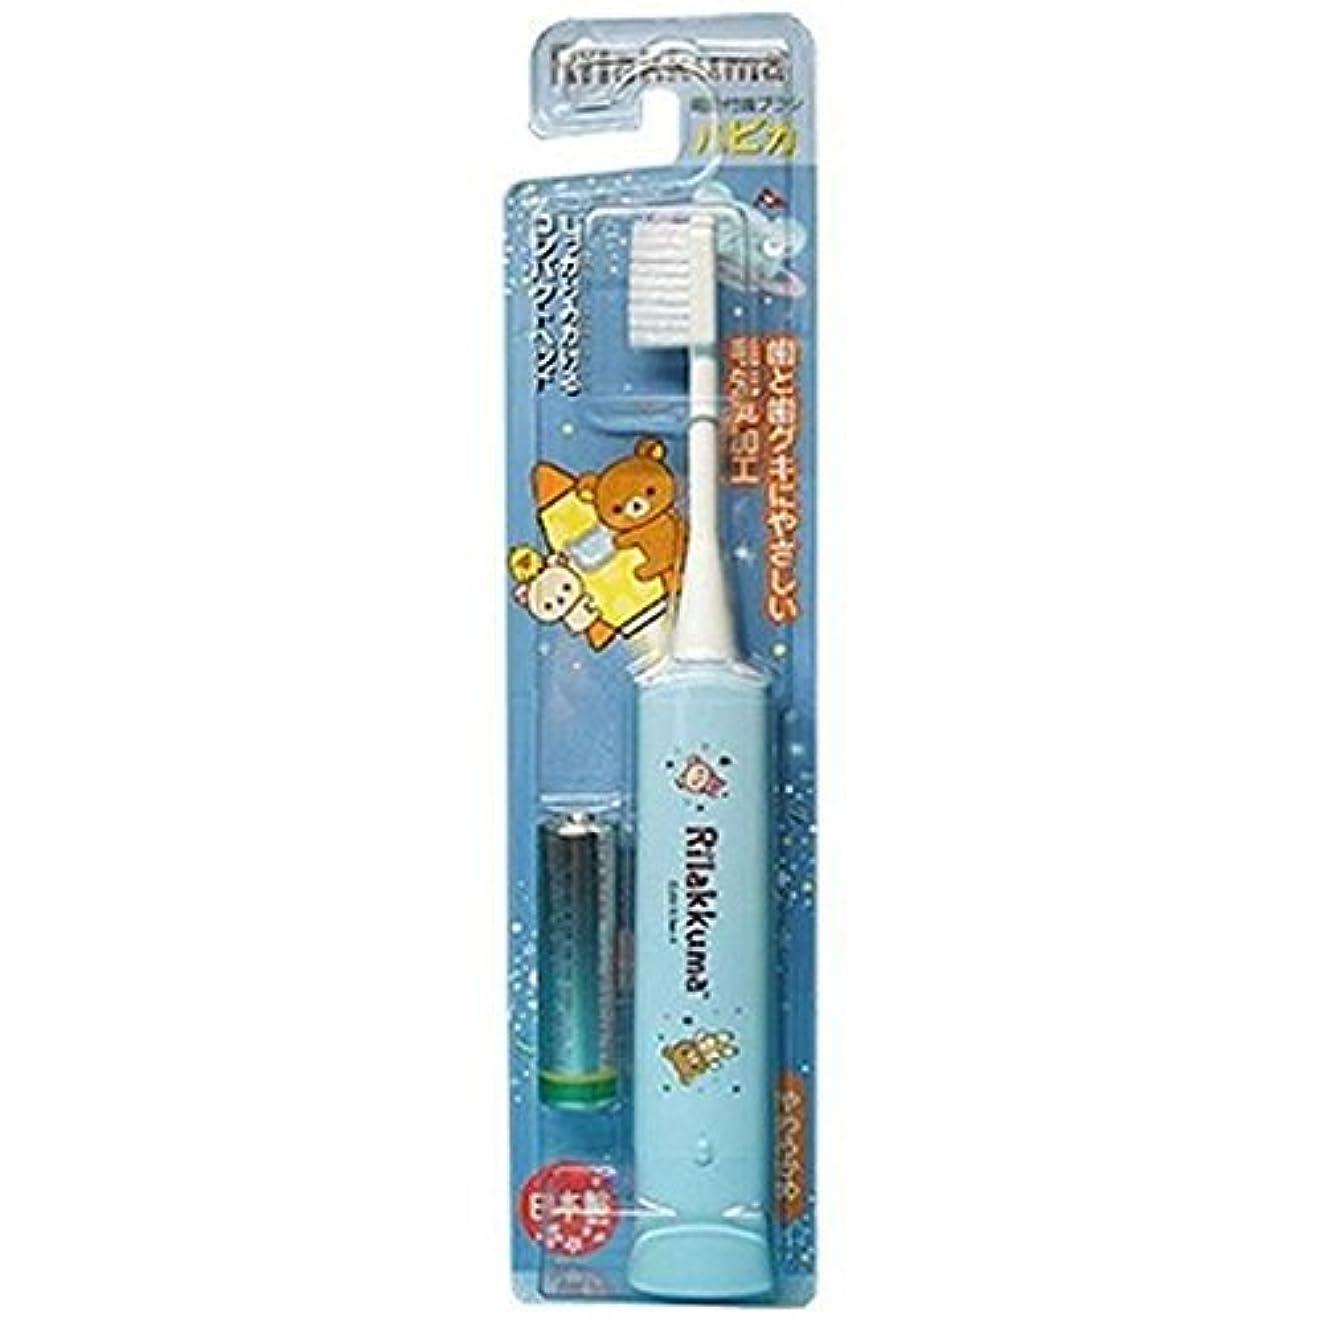 ほかにギャングすでにミニマム 電動付歯ブラシ リラックマハピカ ブルー 毛の硬さ:やわらかめ DBM-5B(RK)